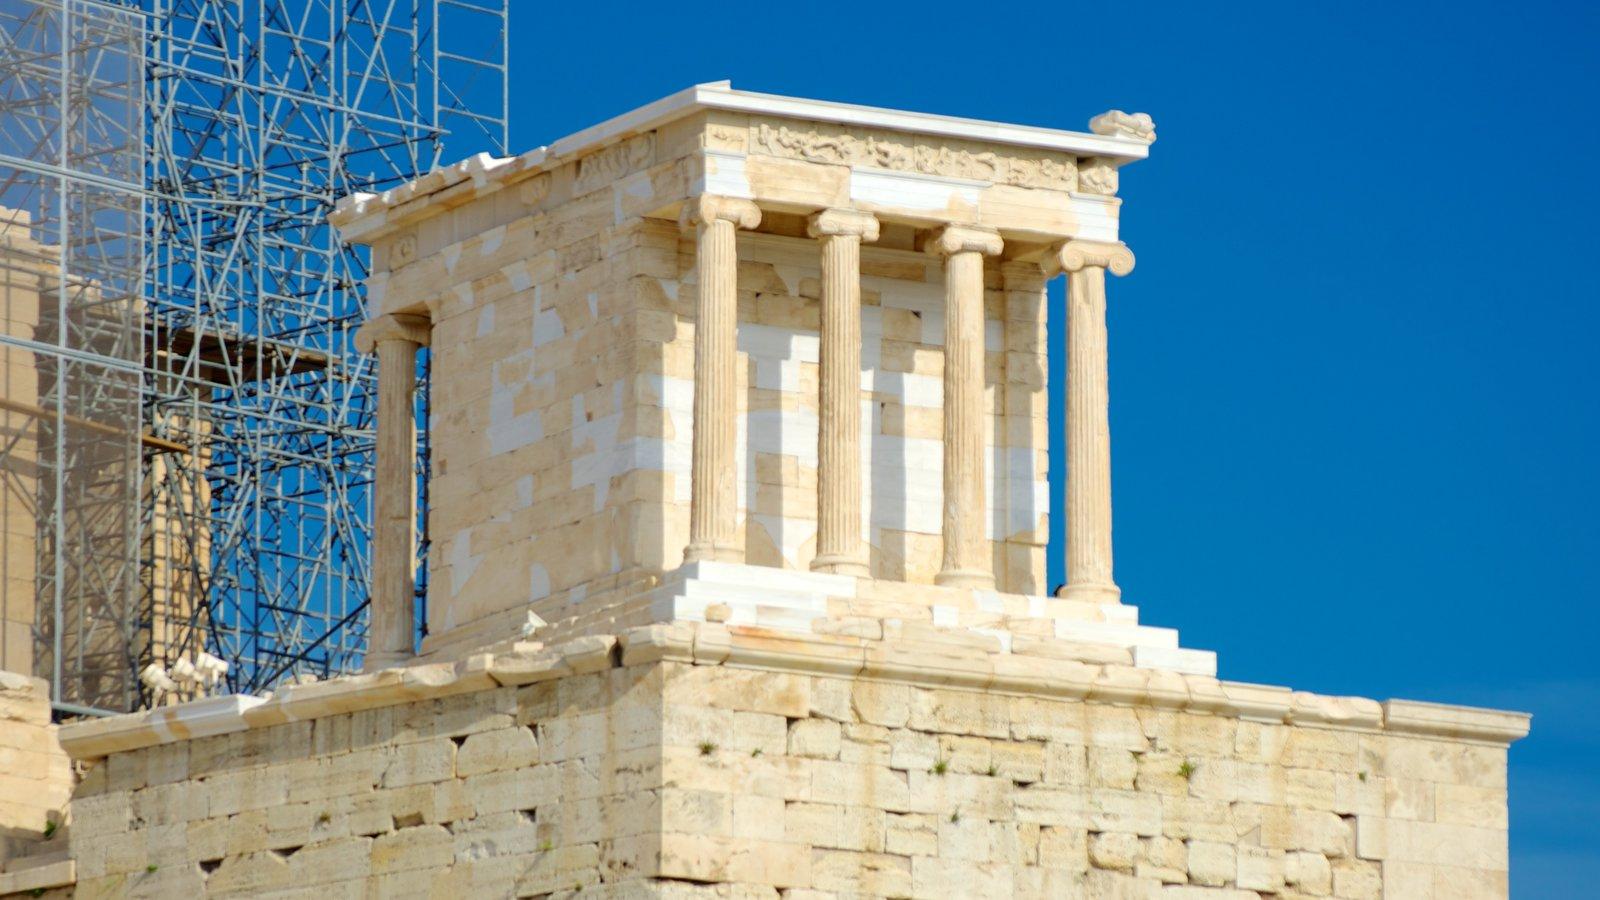 Acrópole mostrando ruínas de edifício, elementos de patrimônio e arquitetura de patrimônio